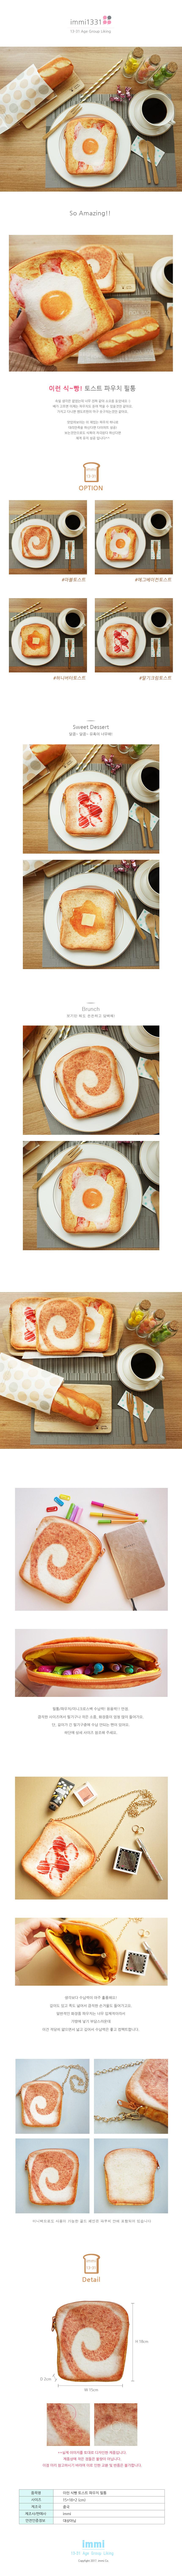 이런 식빵 토스트 파우치 - 아이엠엠아이, 11,500원, 패브릭필통, 심플